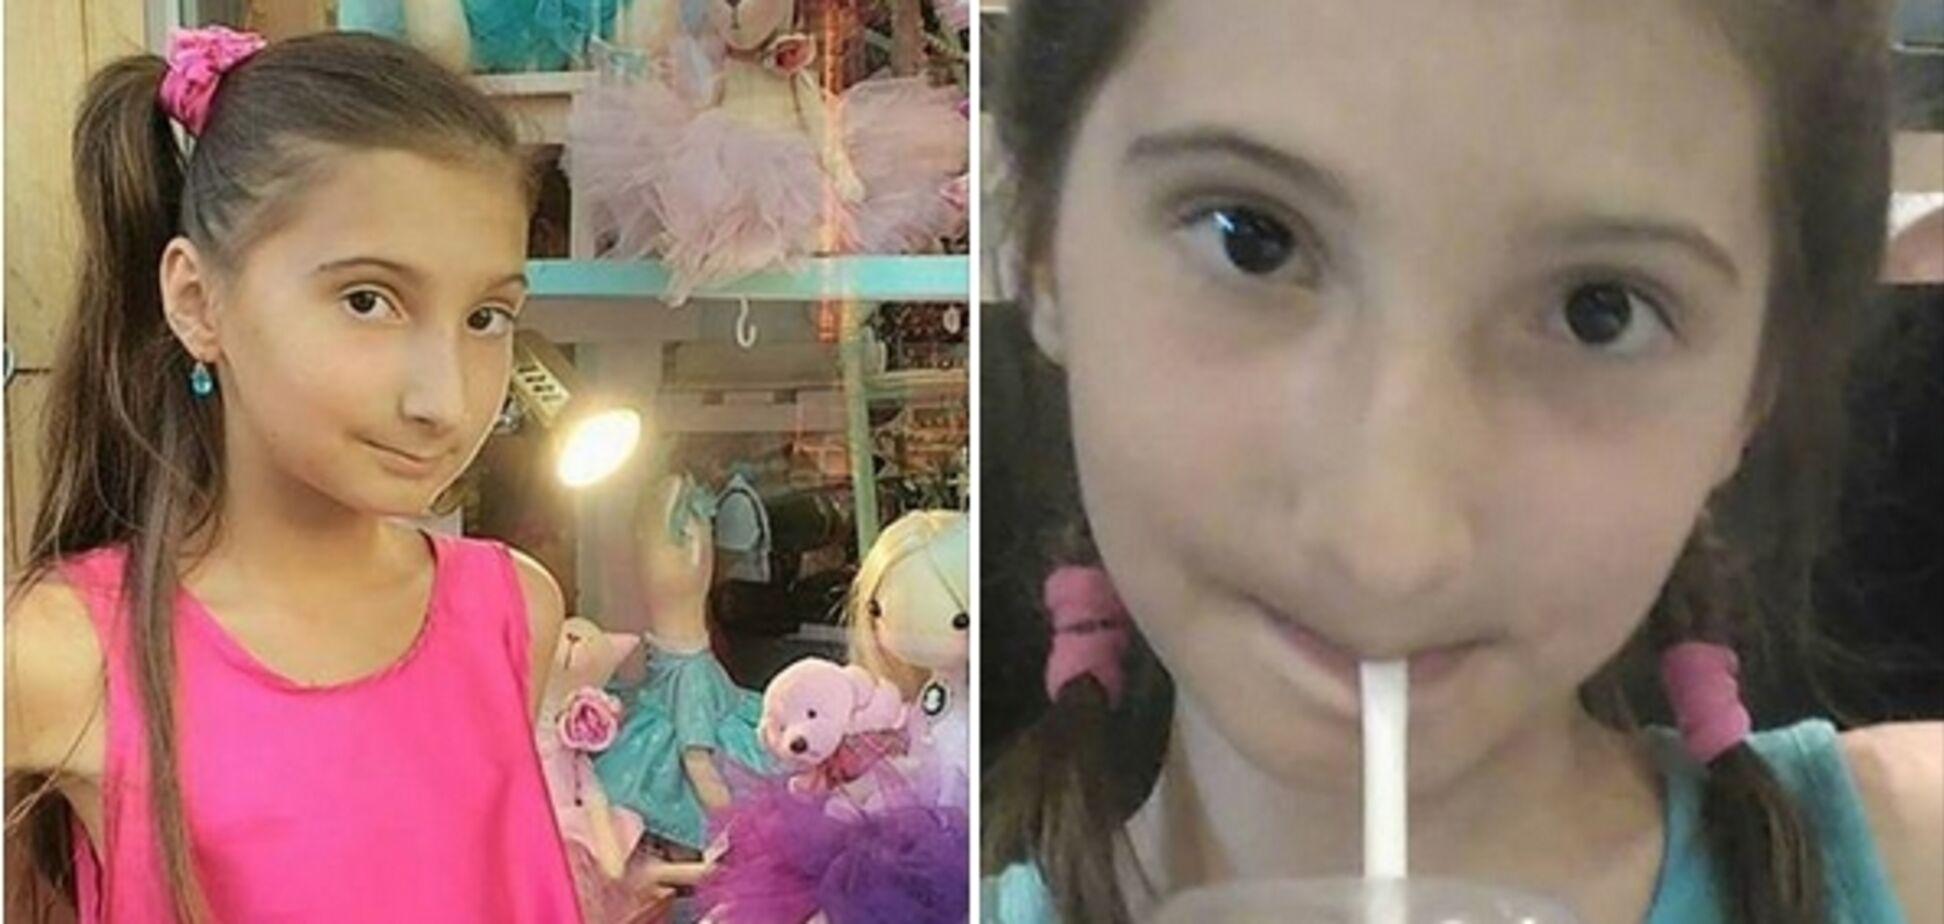 Трагедия в детском лагере 'Виктория': в сети показали фото пропавшей девочки